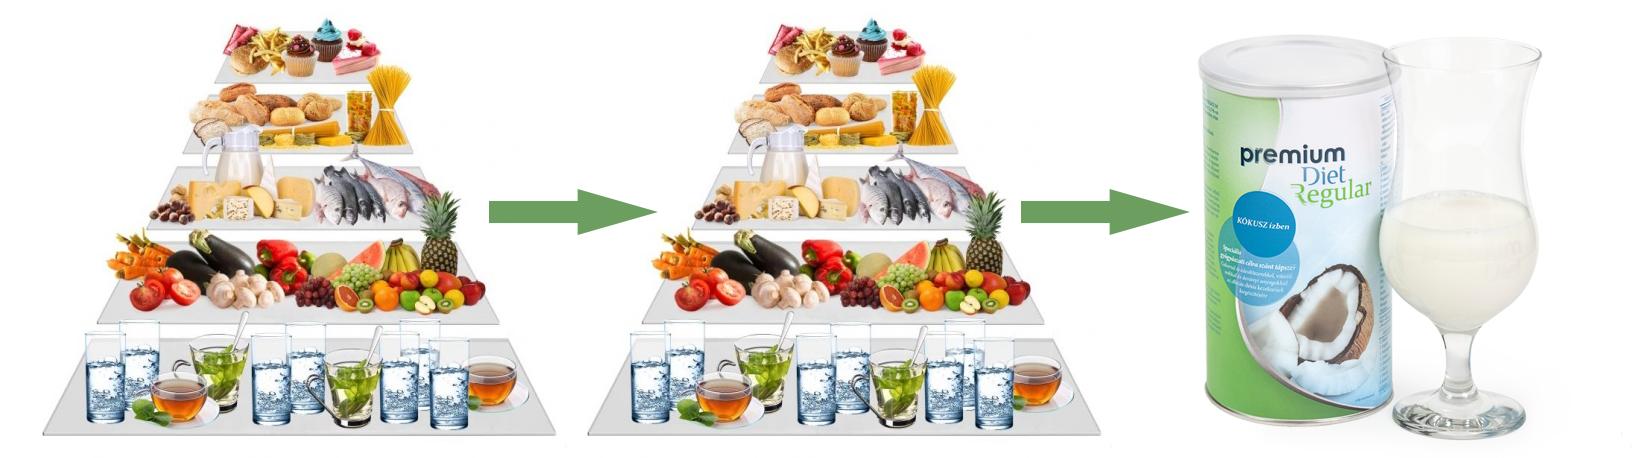 Premium Diet - Ellenőrzési fázis - Premium Diet Regular - jopatikus.hu